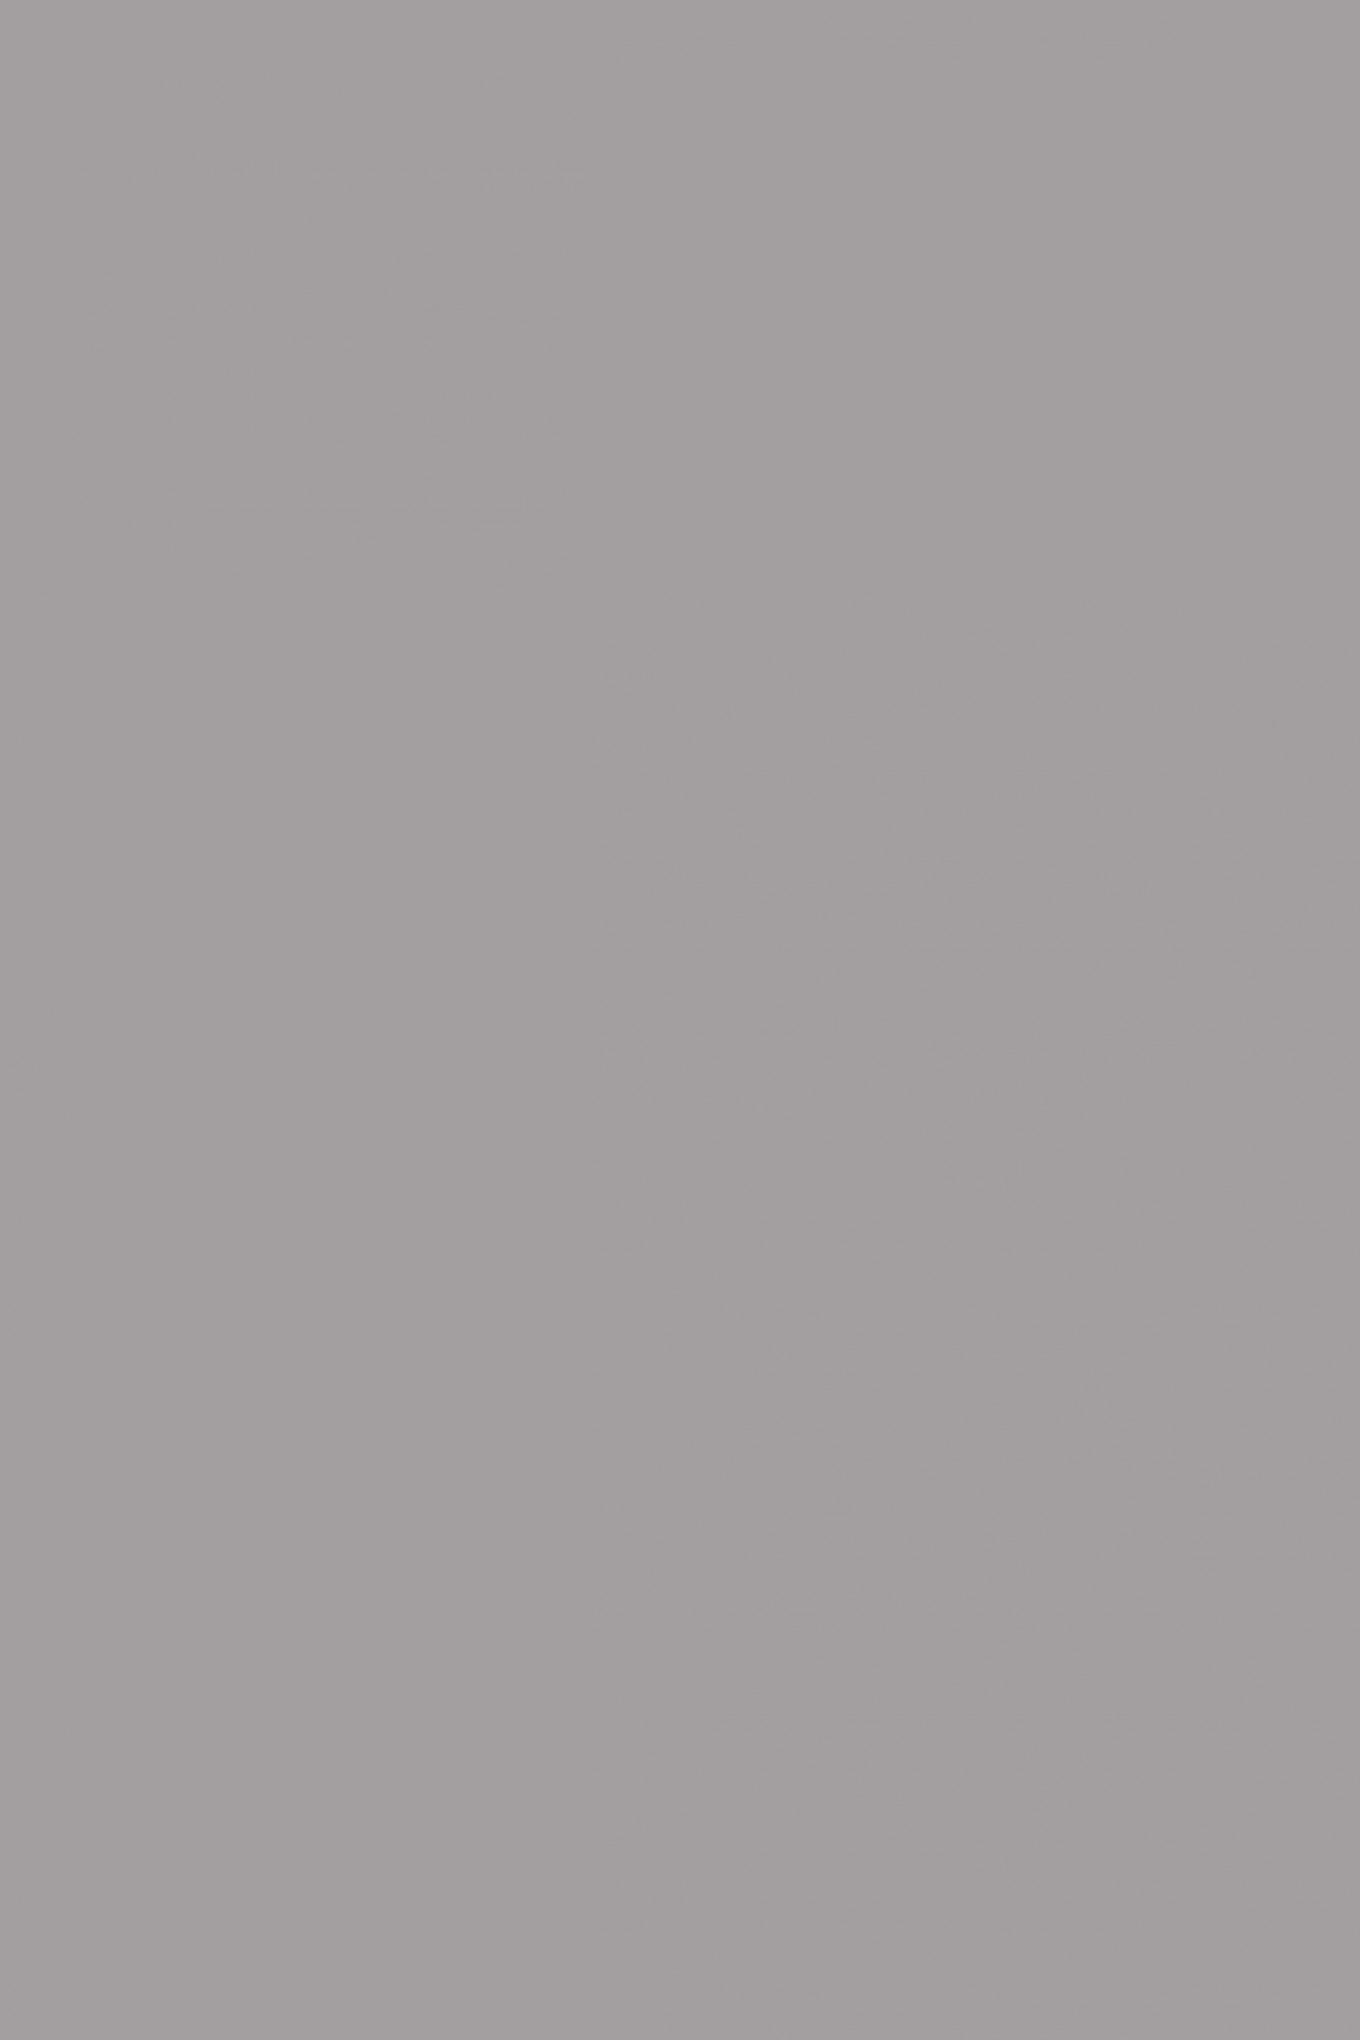 hintergrund-grau